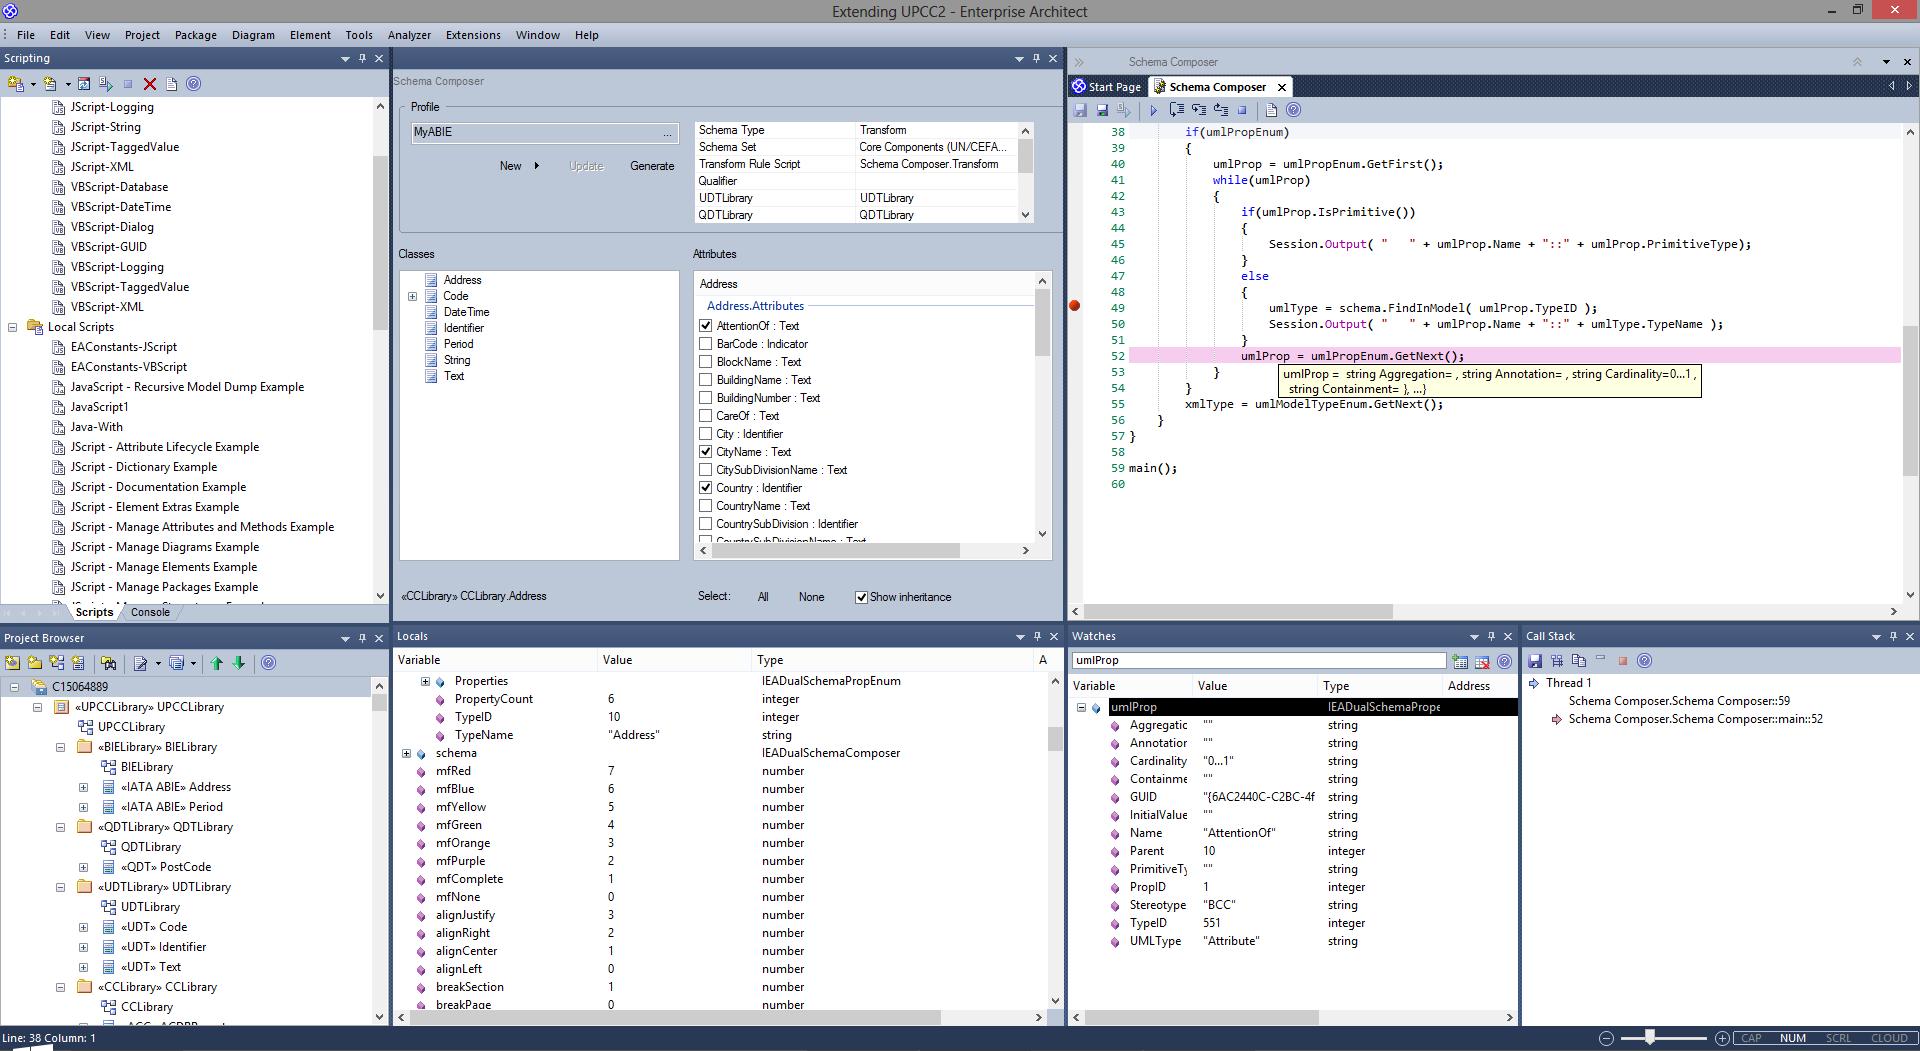 Software models enterprise architect user guide for Entreprise architecte download